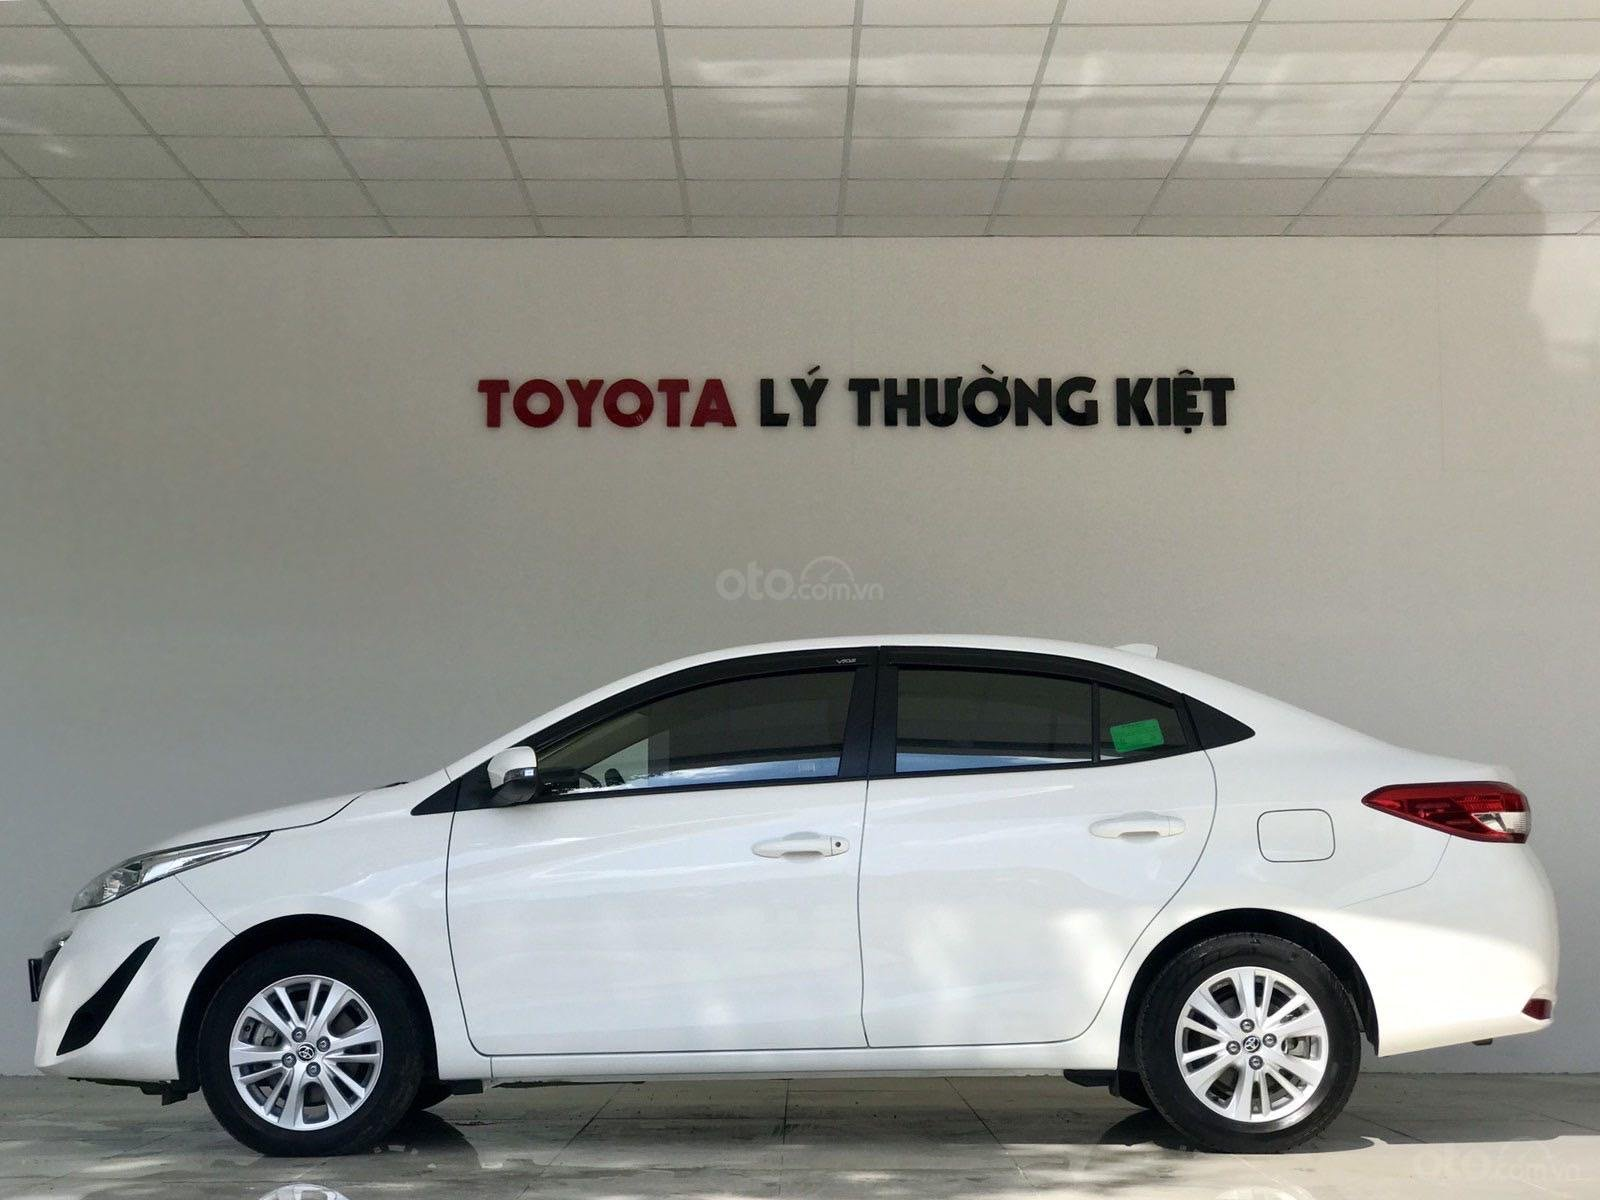 Bán xe Toyota Vios đời 2018, màu trắng xe giá tốt 480 triệu đồng (7)